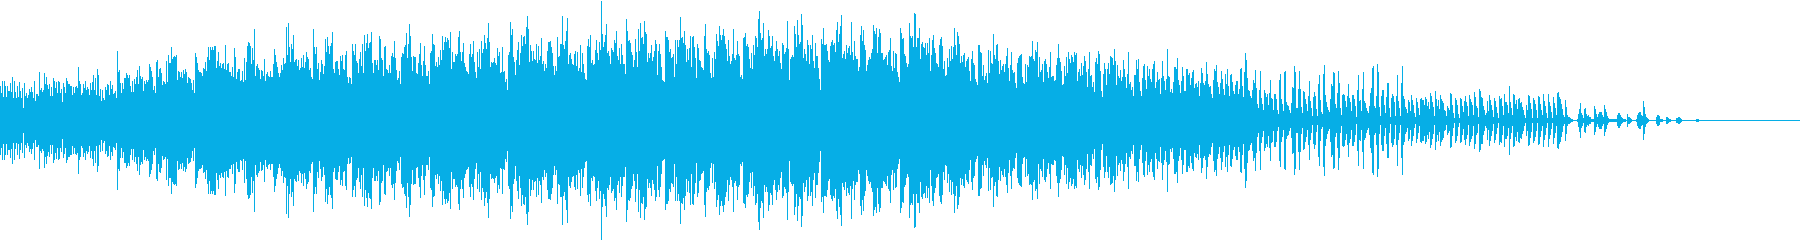 静かな森で息衝くものを表現したミニマル。の再生済みの波形